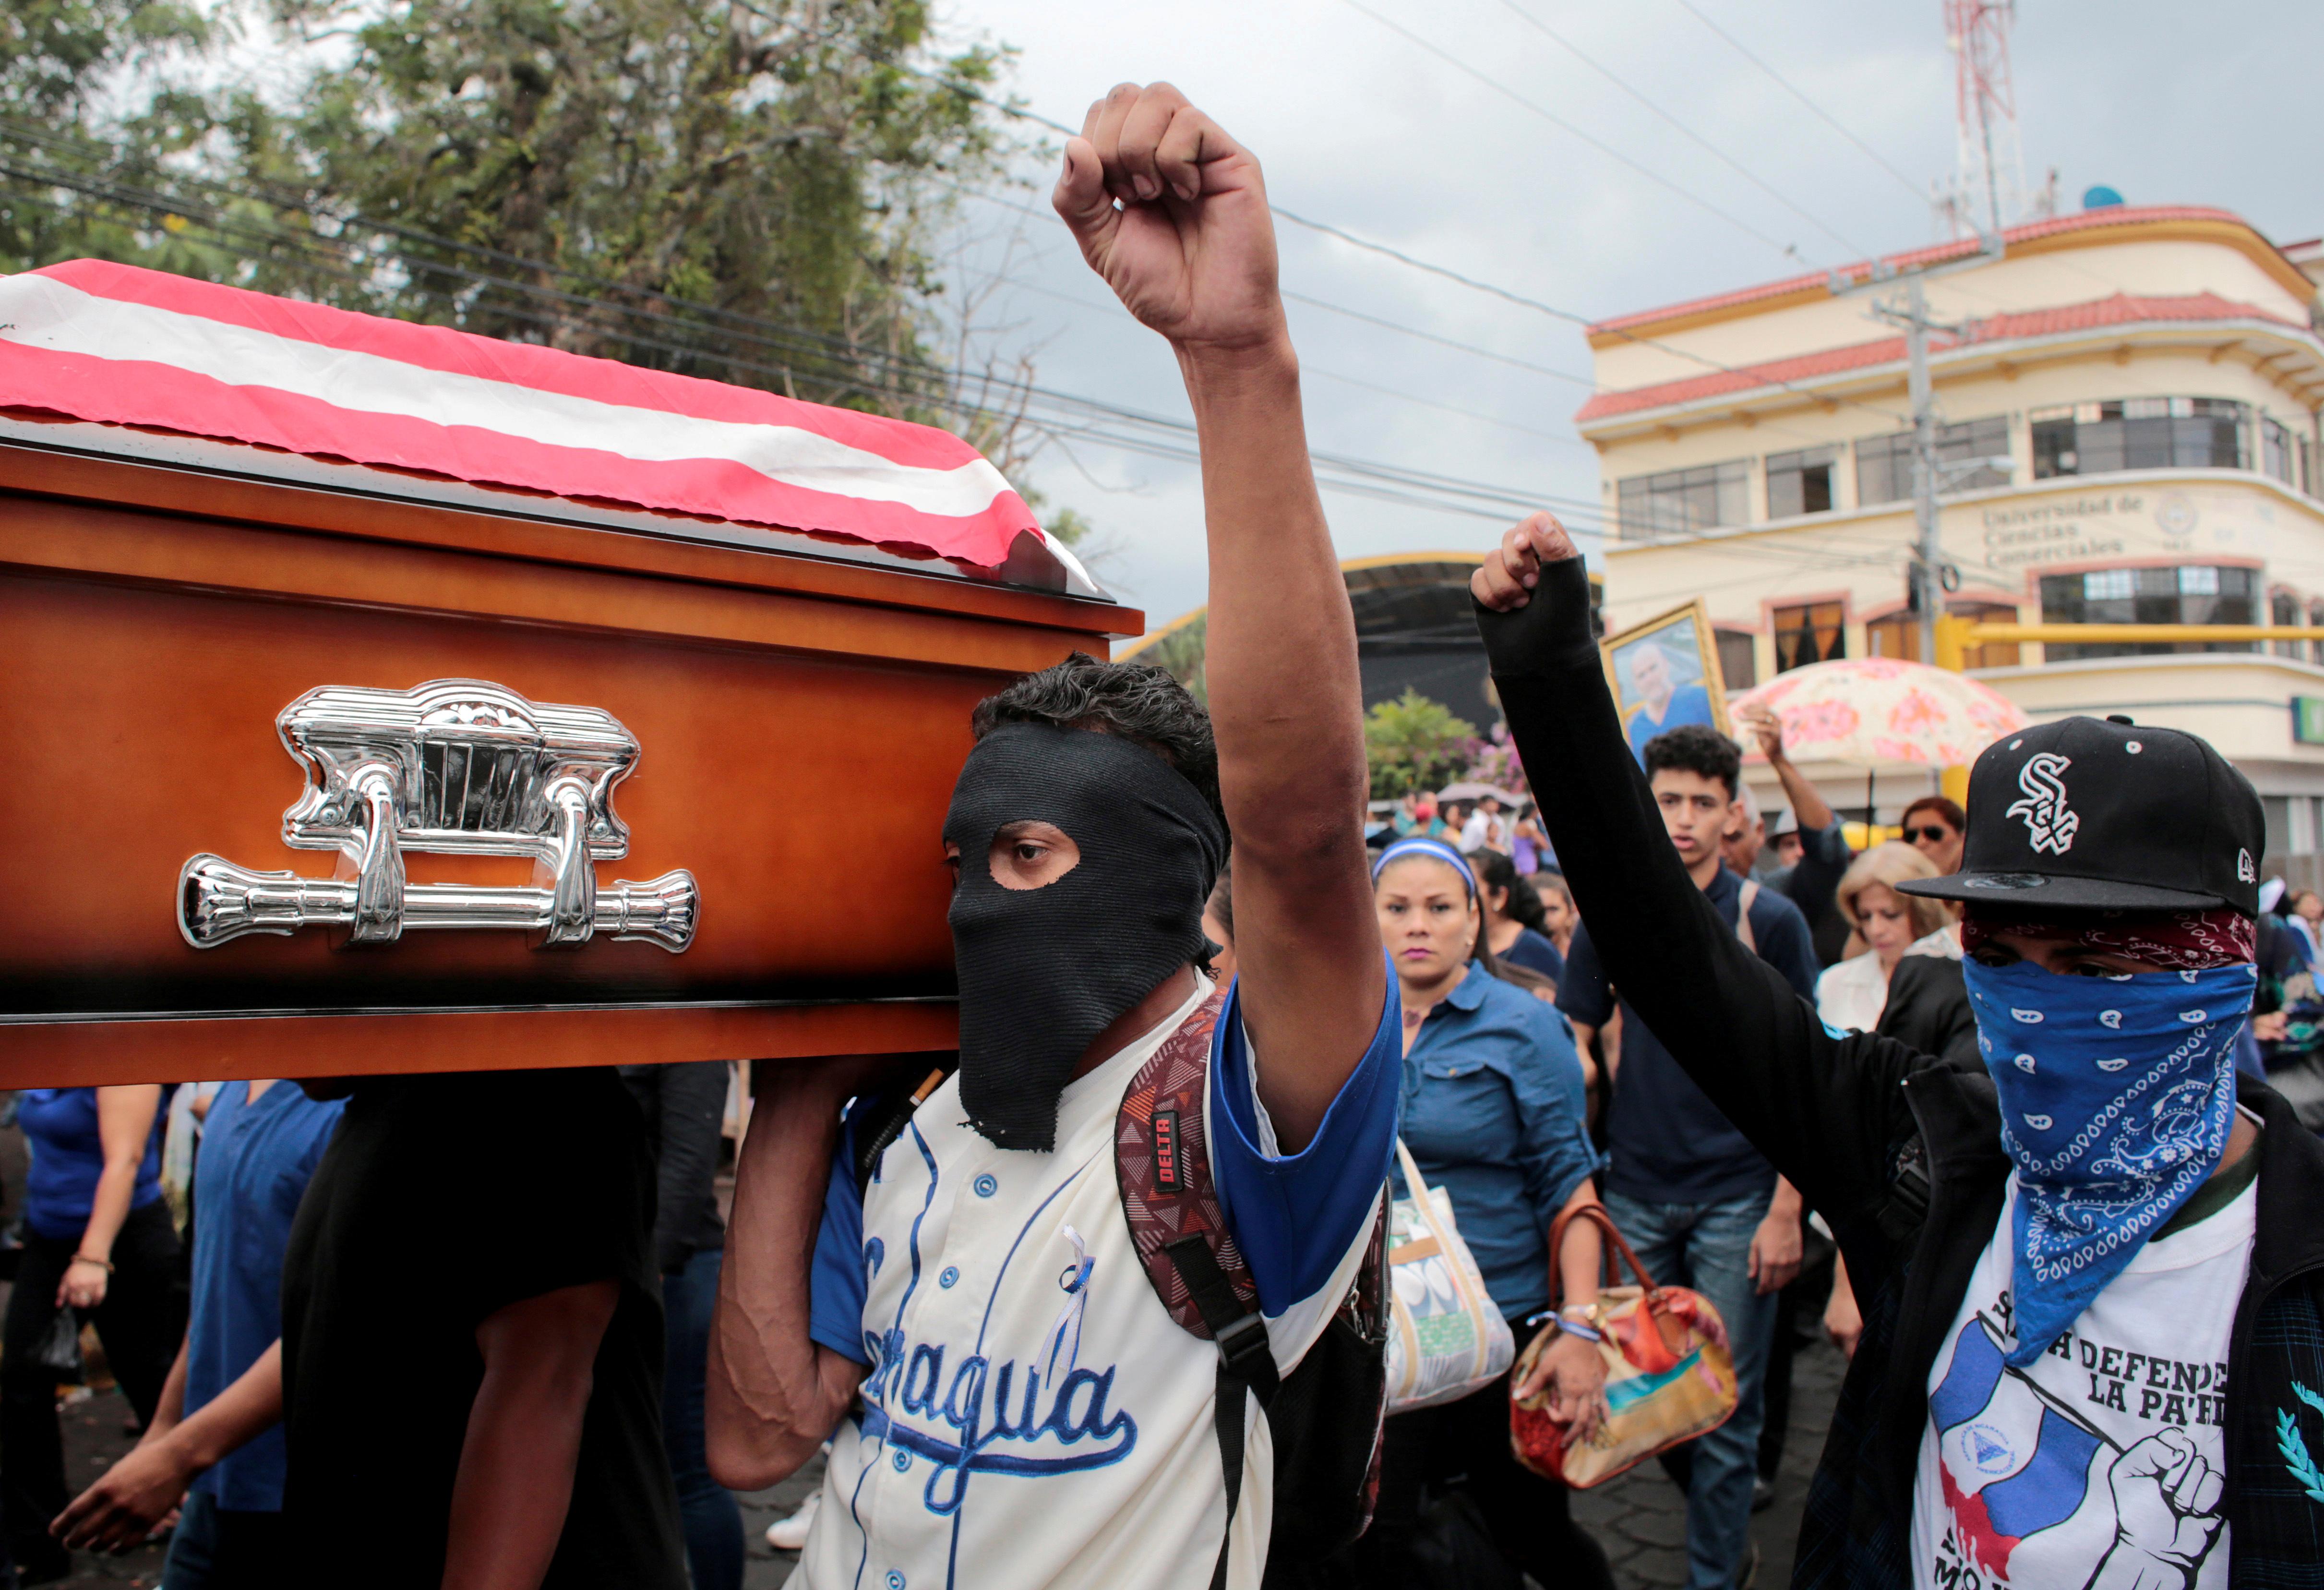 Manifestantes opositores al régimen de Ortega durante el funeral de Eddy Montes, el preso político que murió de un disparo en la cárcel (REUTERS/Oswaldo Rivas)